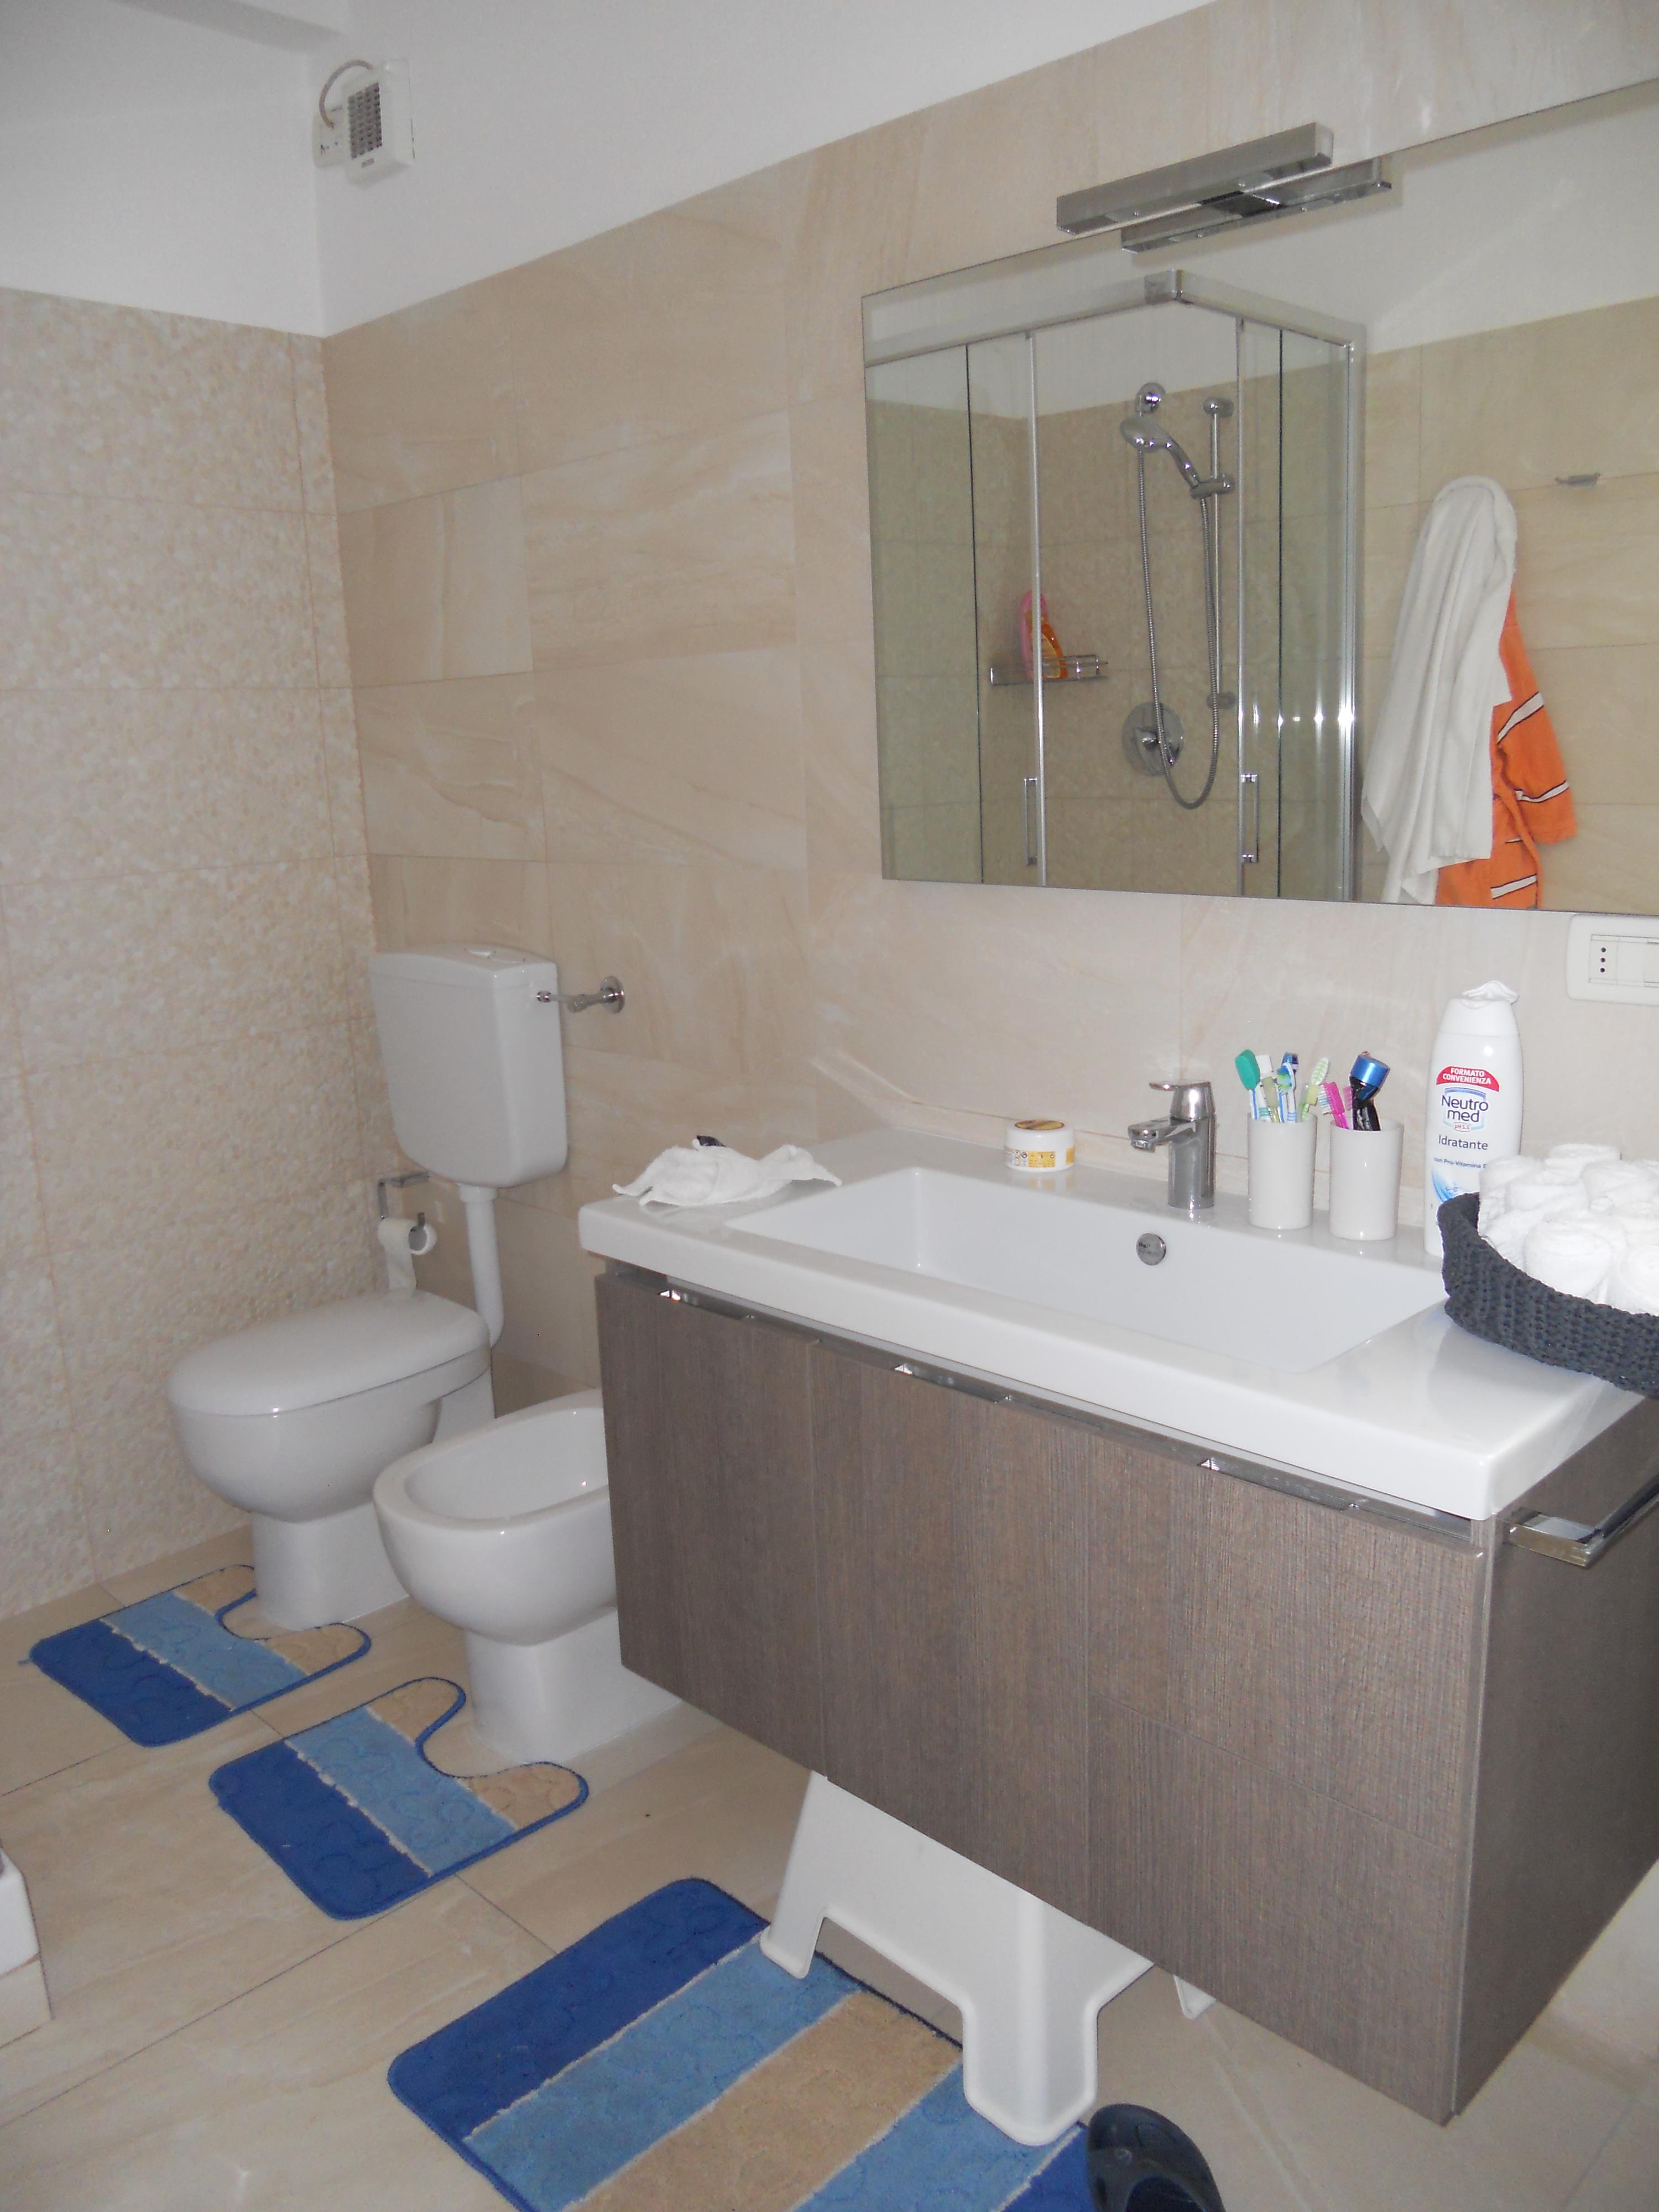 Affitto e vendita appartamenti modena affitti case modena for 5 case kit da letto